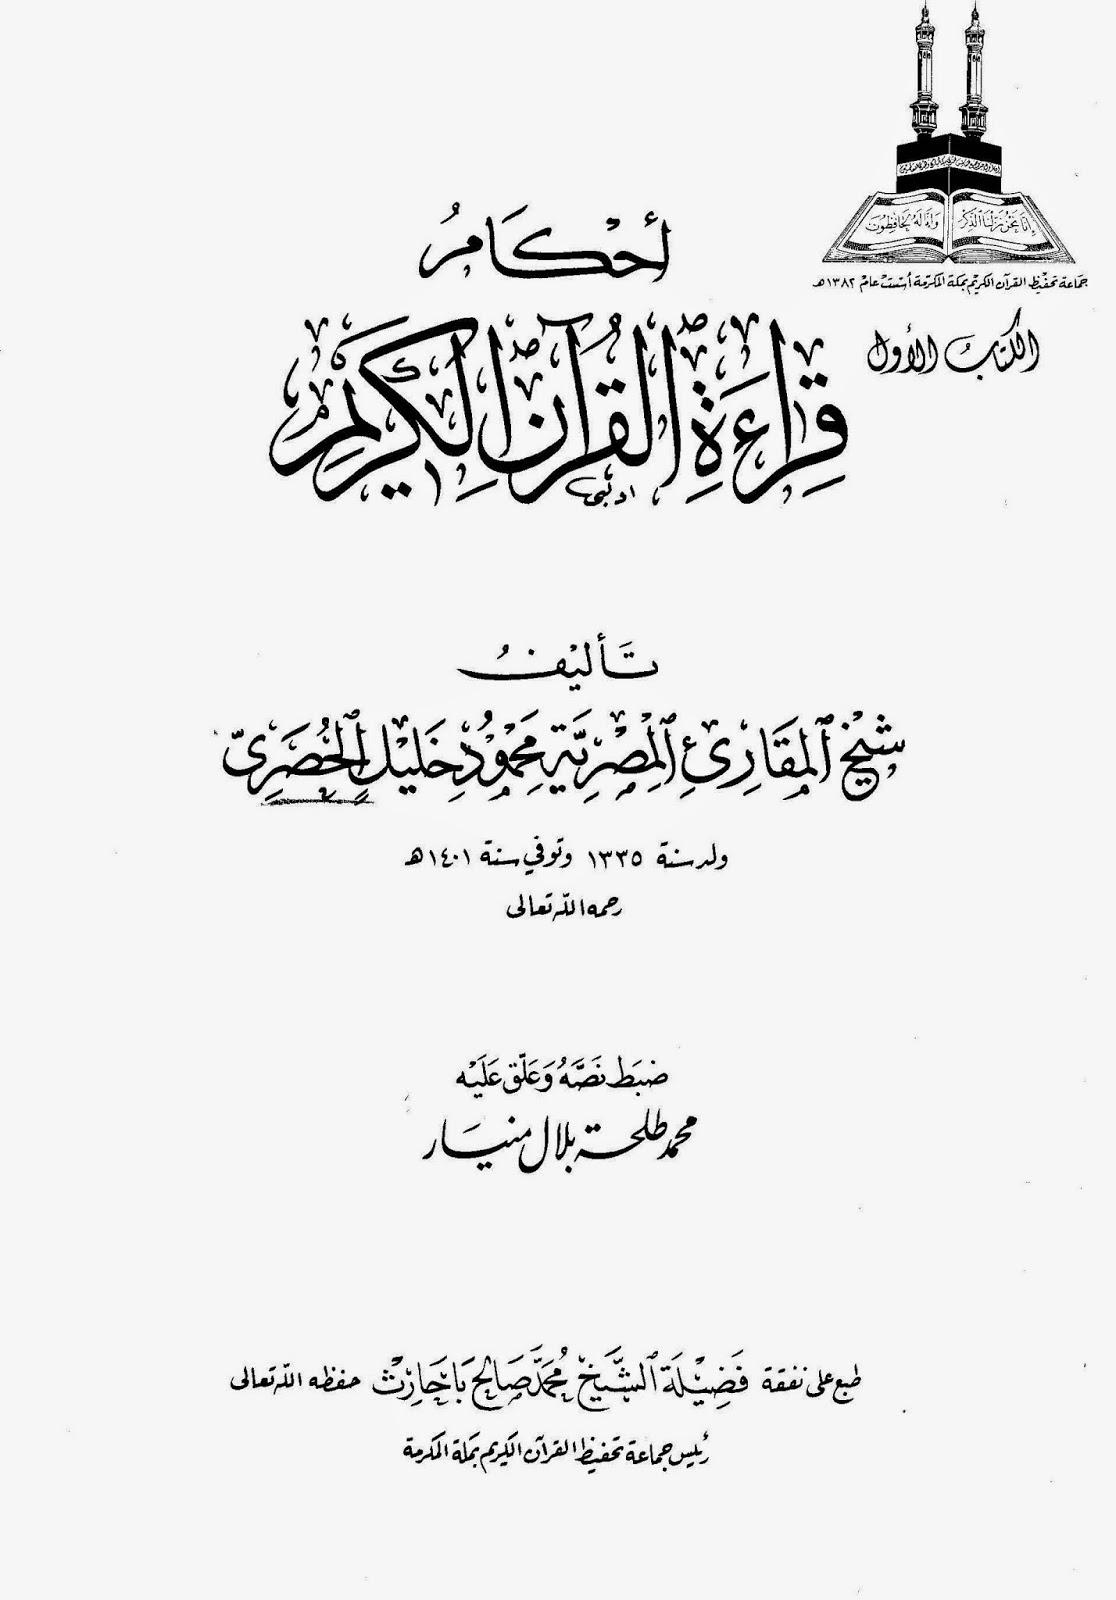 أحكام في قراءة القرآن الكريم - محمود خليل الخصري pdf